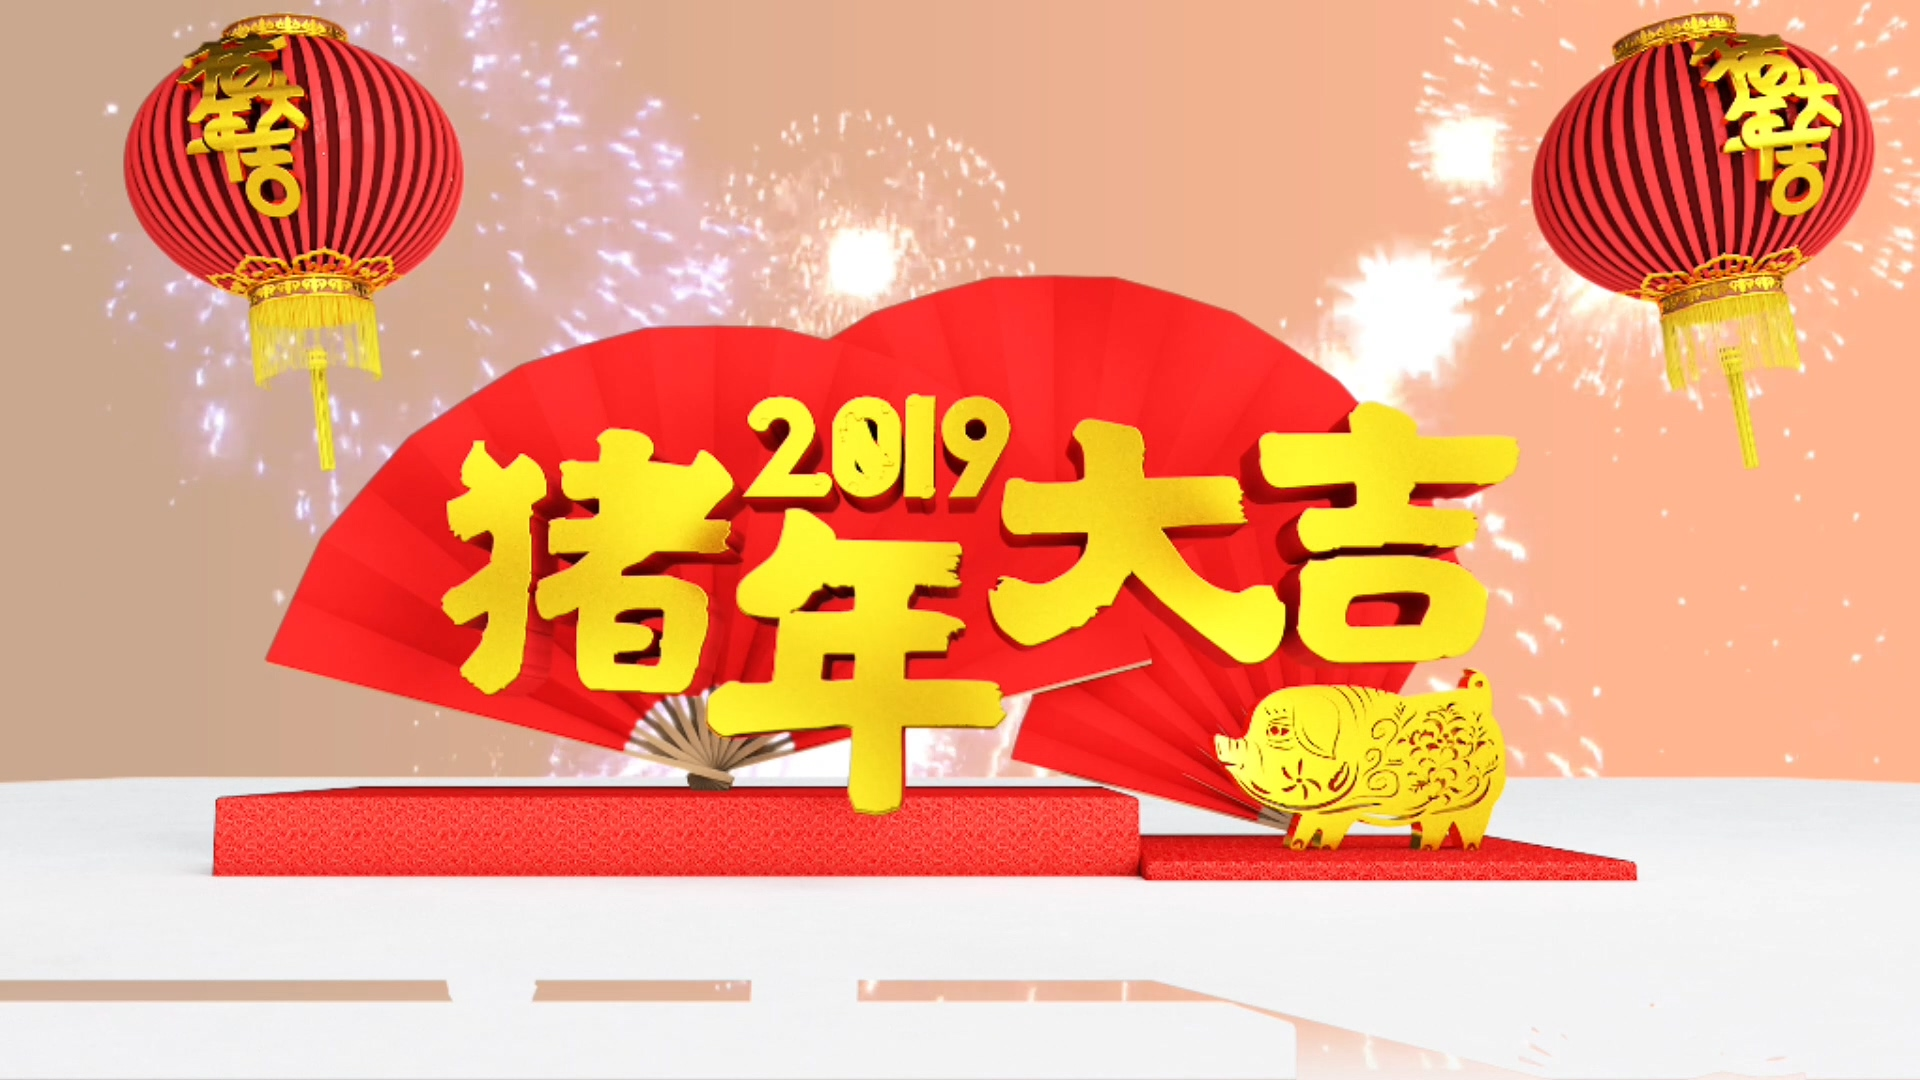 2019猪年春晚年会开场视频素材背景